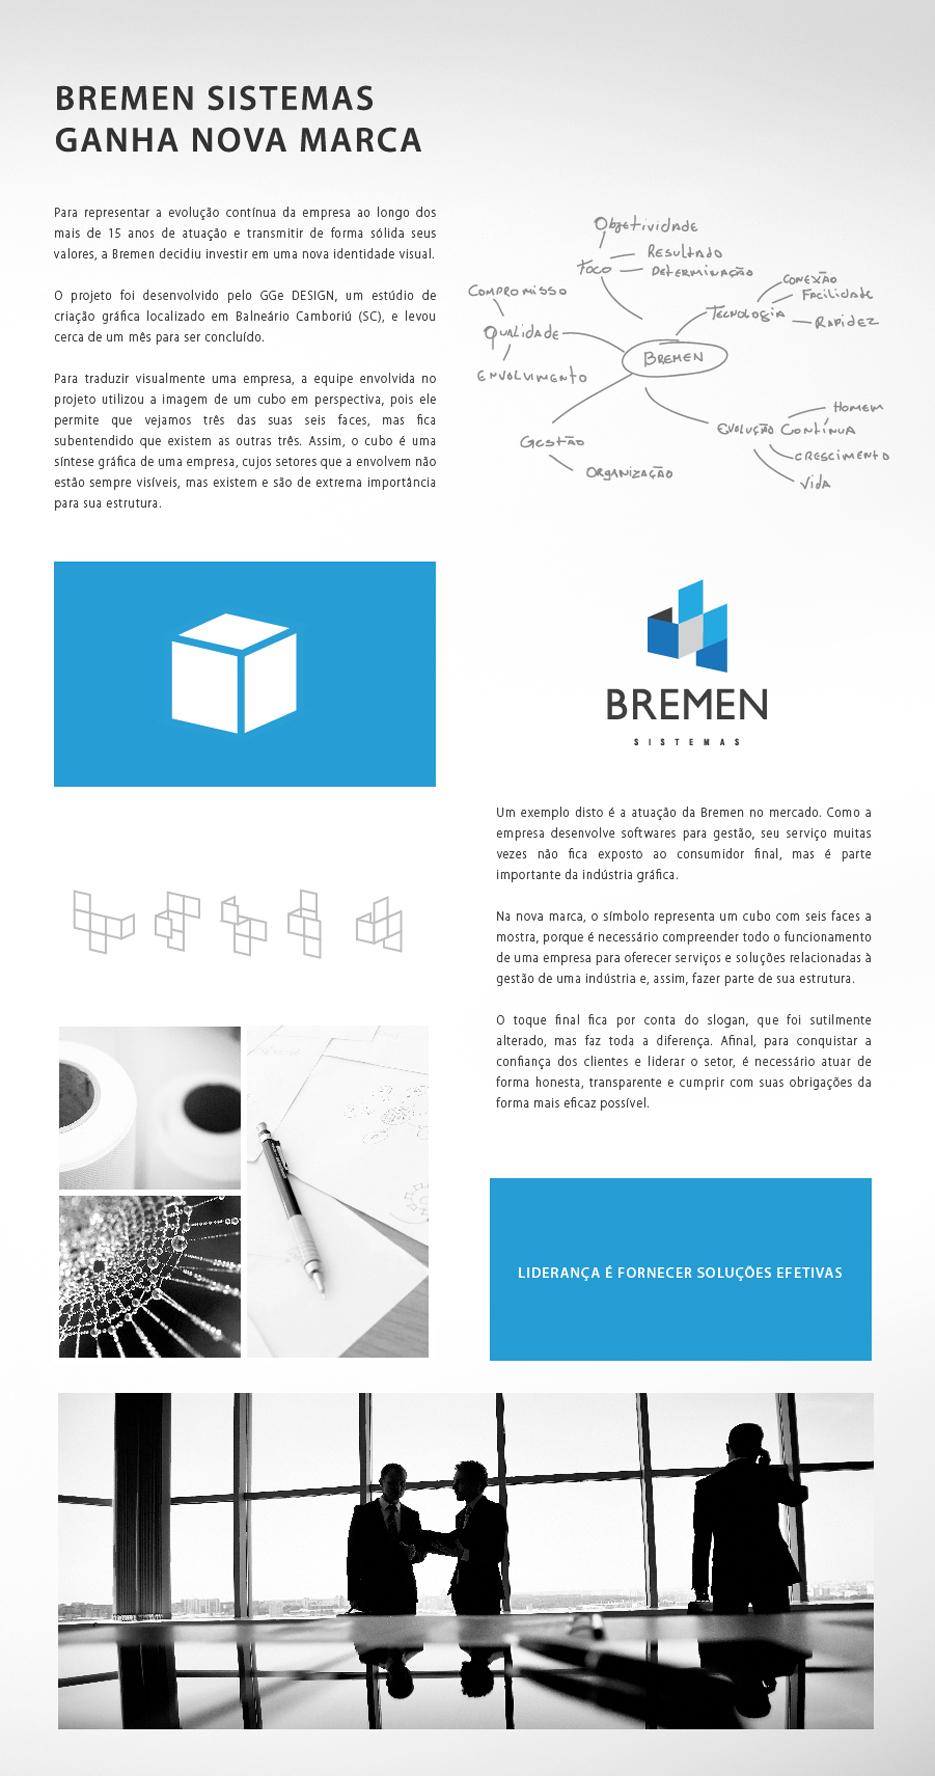 http://bremen.com.br/assets/dinamicos/imprensa/resumo_020_01.jpg?_dc=210507043336